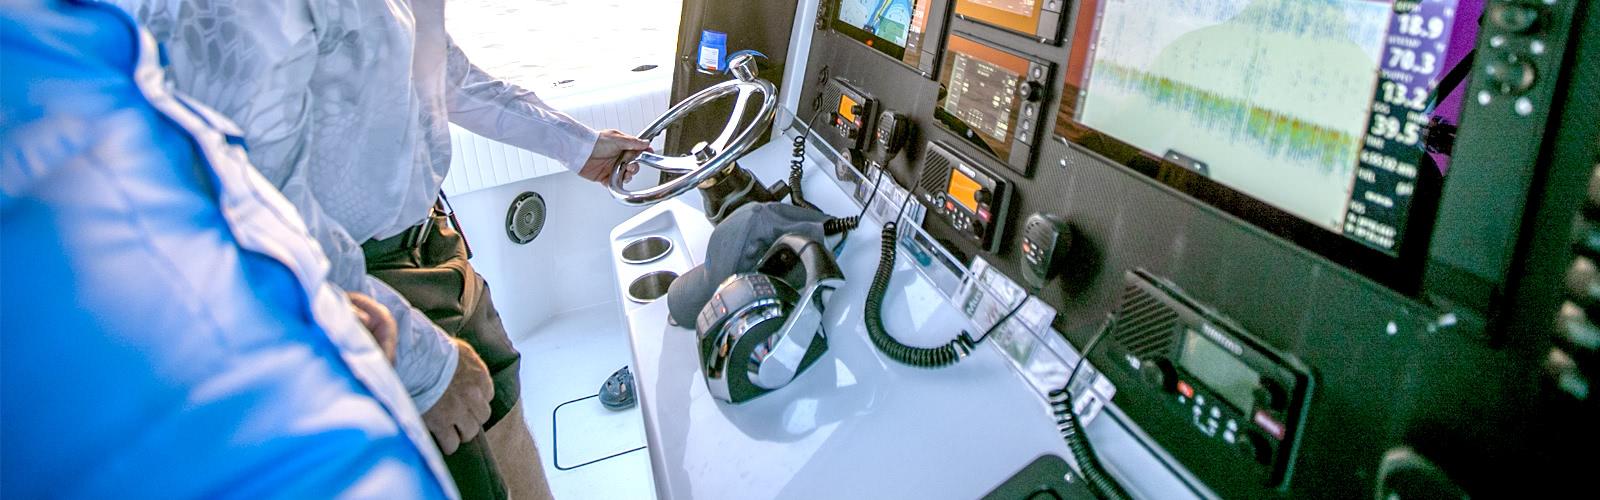 Installationshinweise für UKW-Seefunkanlagen